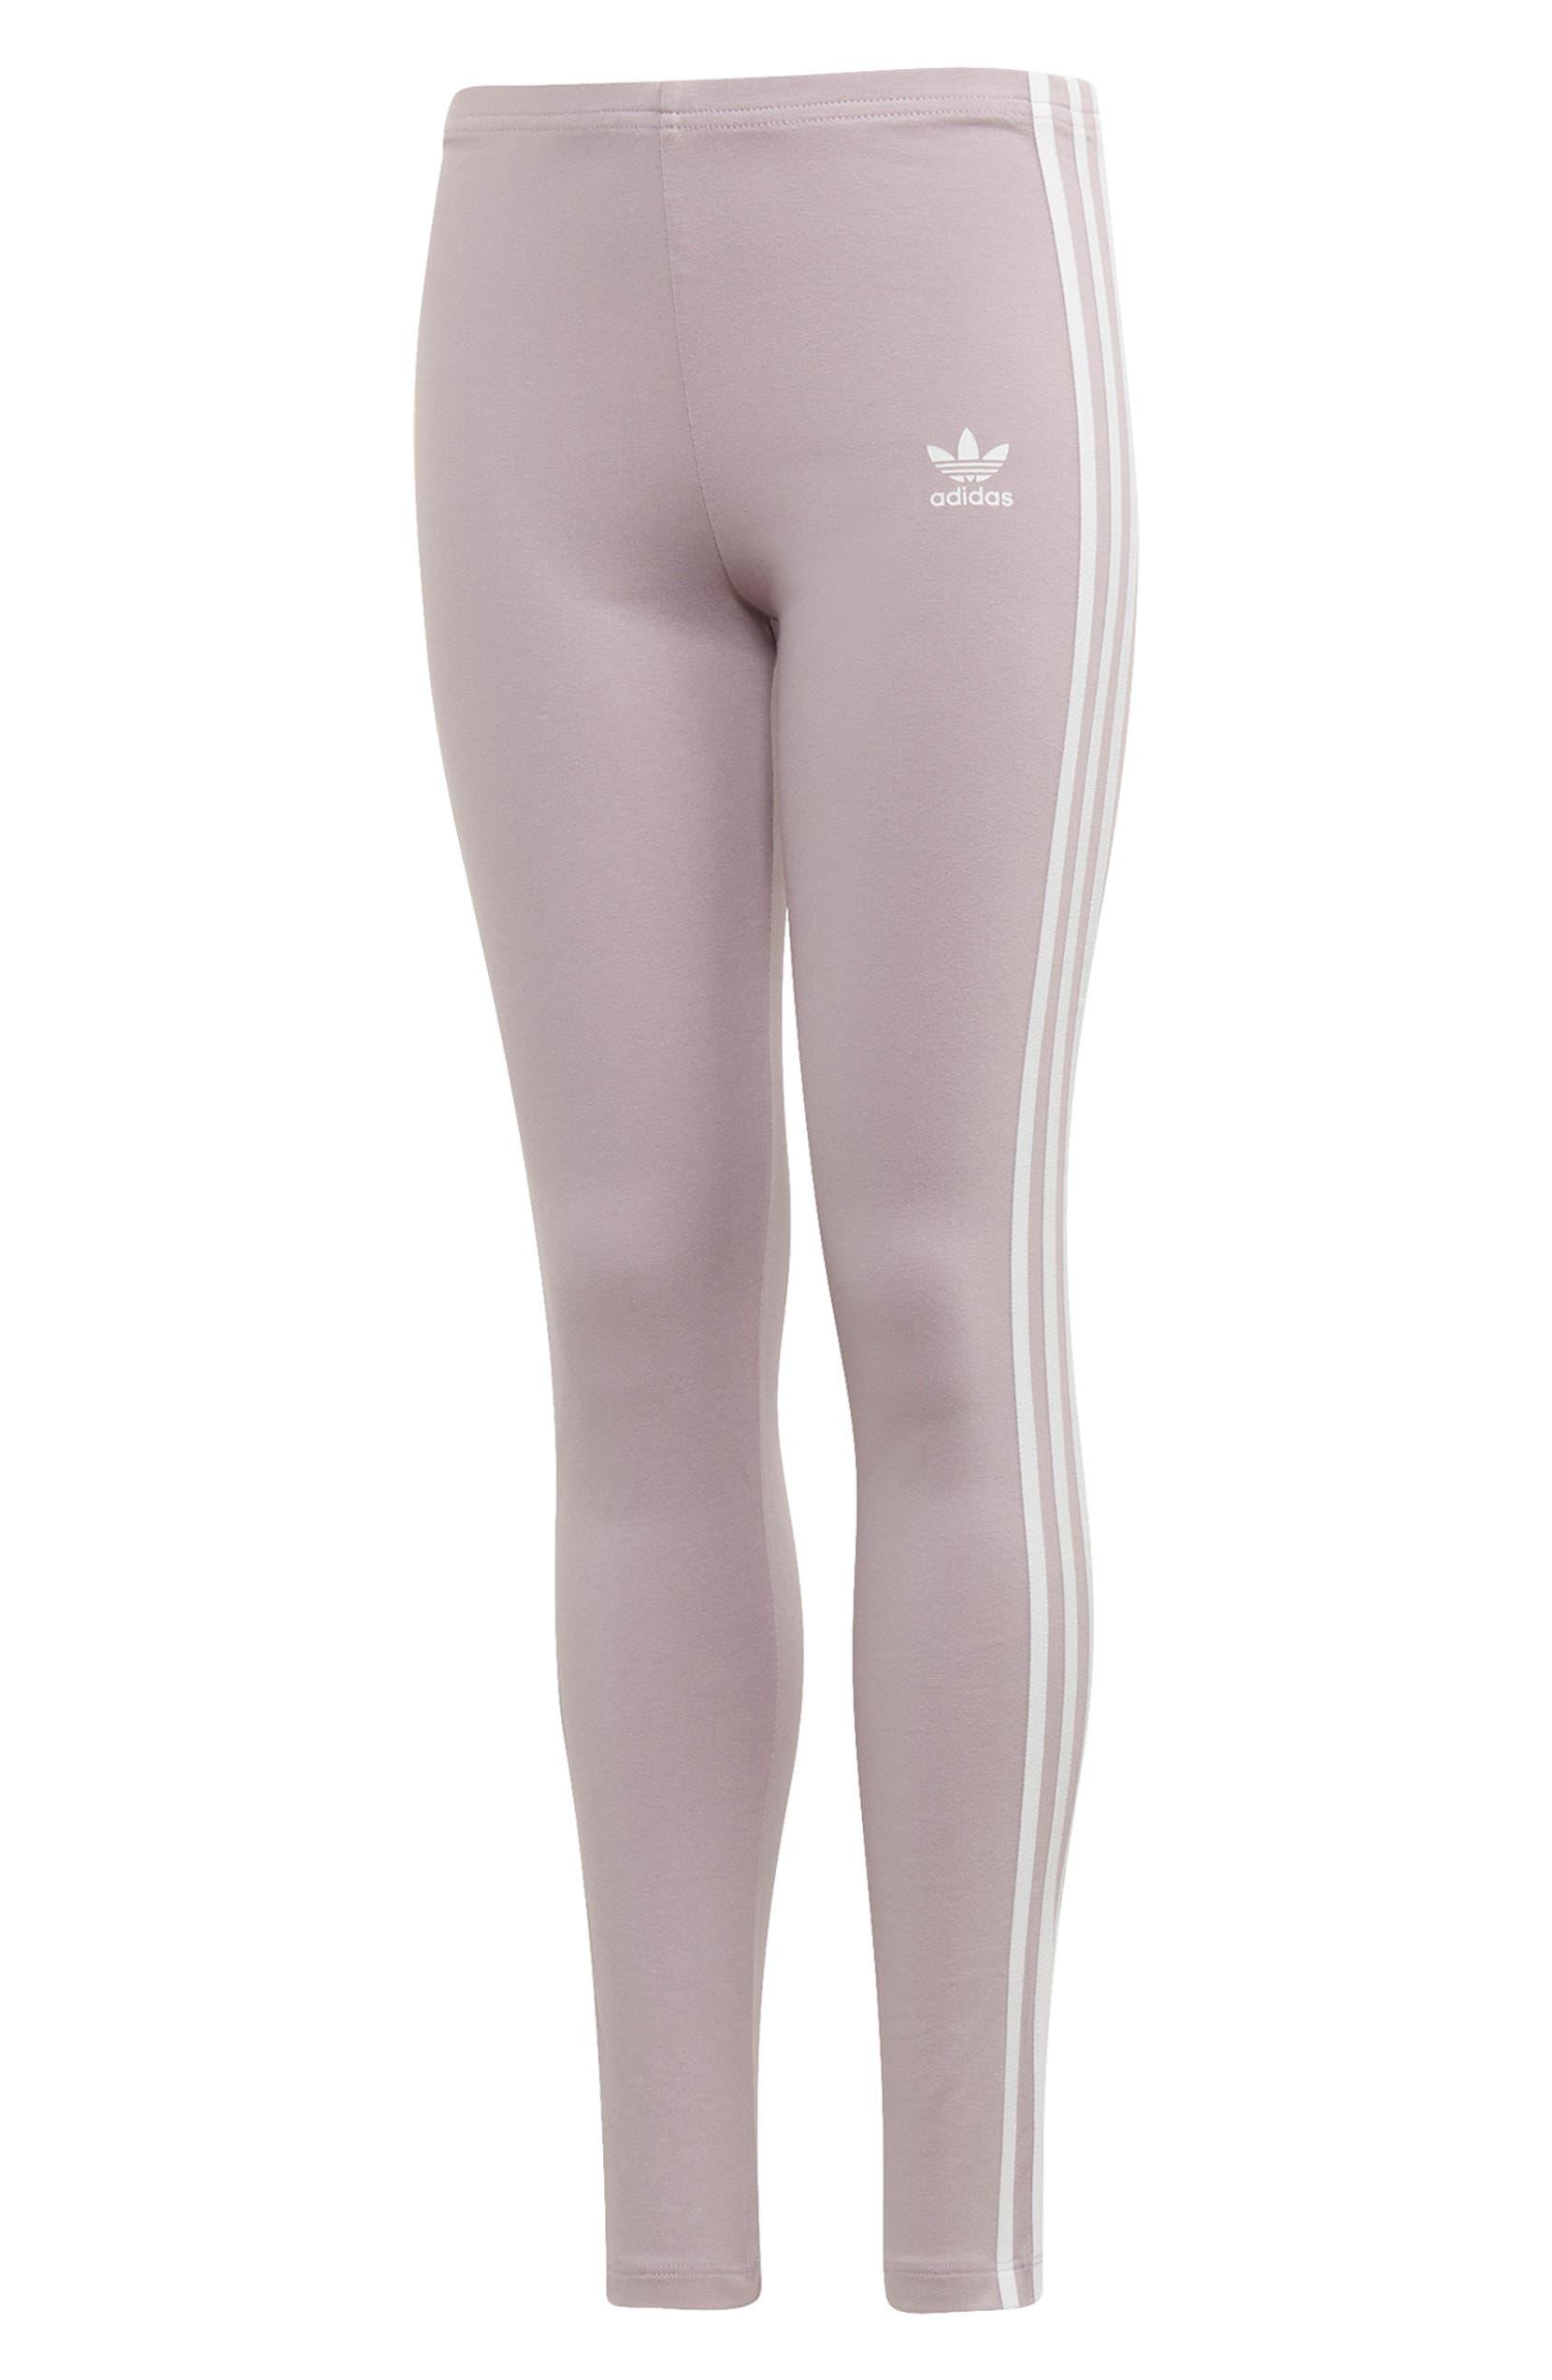 4bb6d Glitter Netherlands Scarpe Superstar Adidas 3d7c2 VzSpqUMG